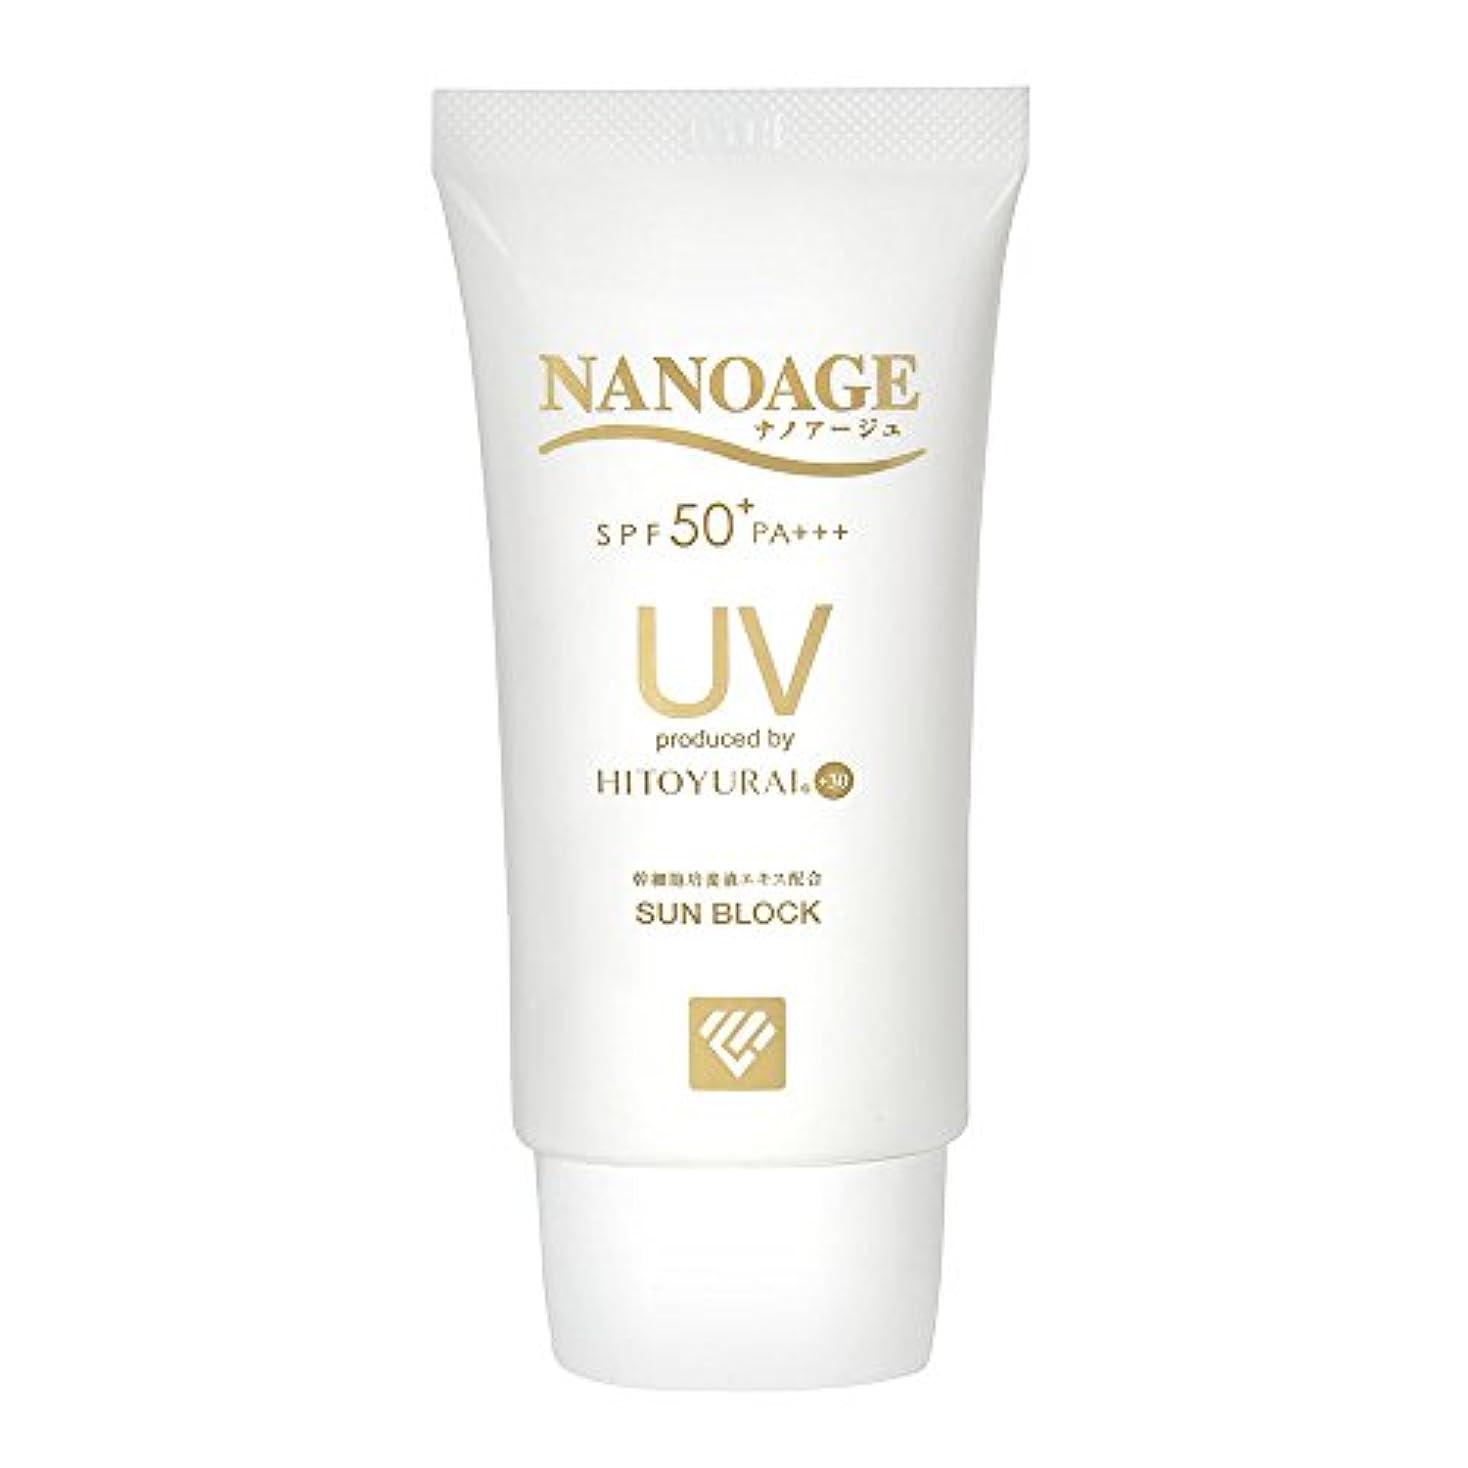 汚れる恩赦正当なNANOAGE(ナノアージュ) UVクリーム SPF50+ PA+++ 40ml